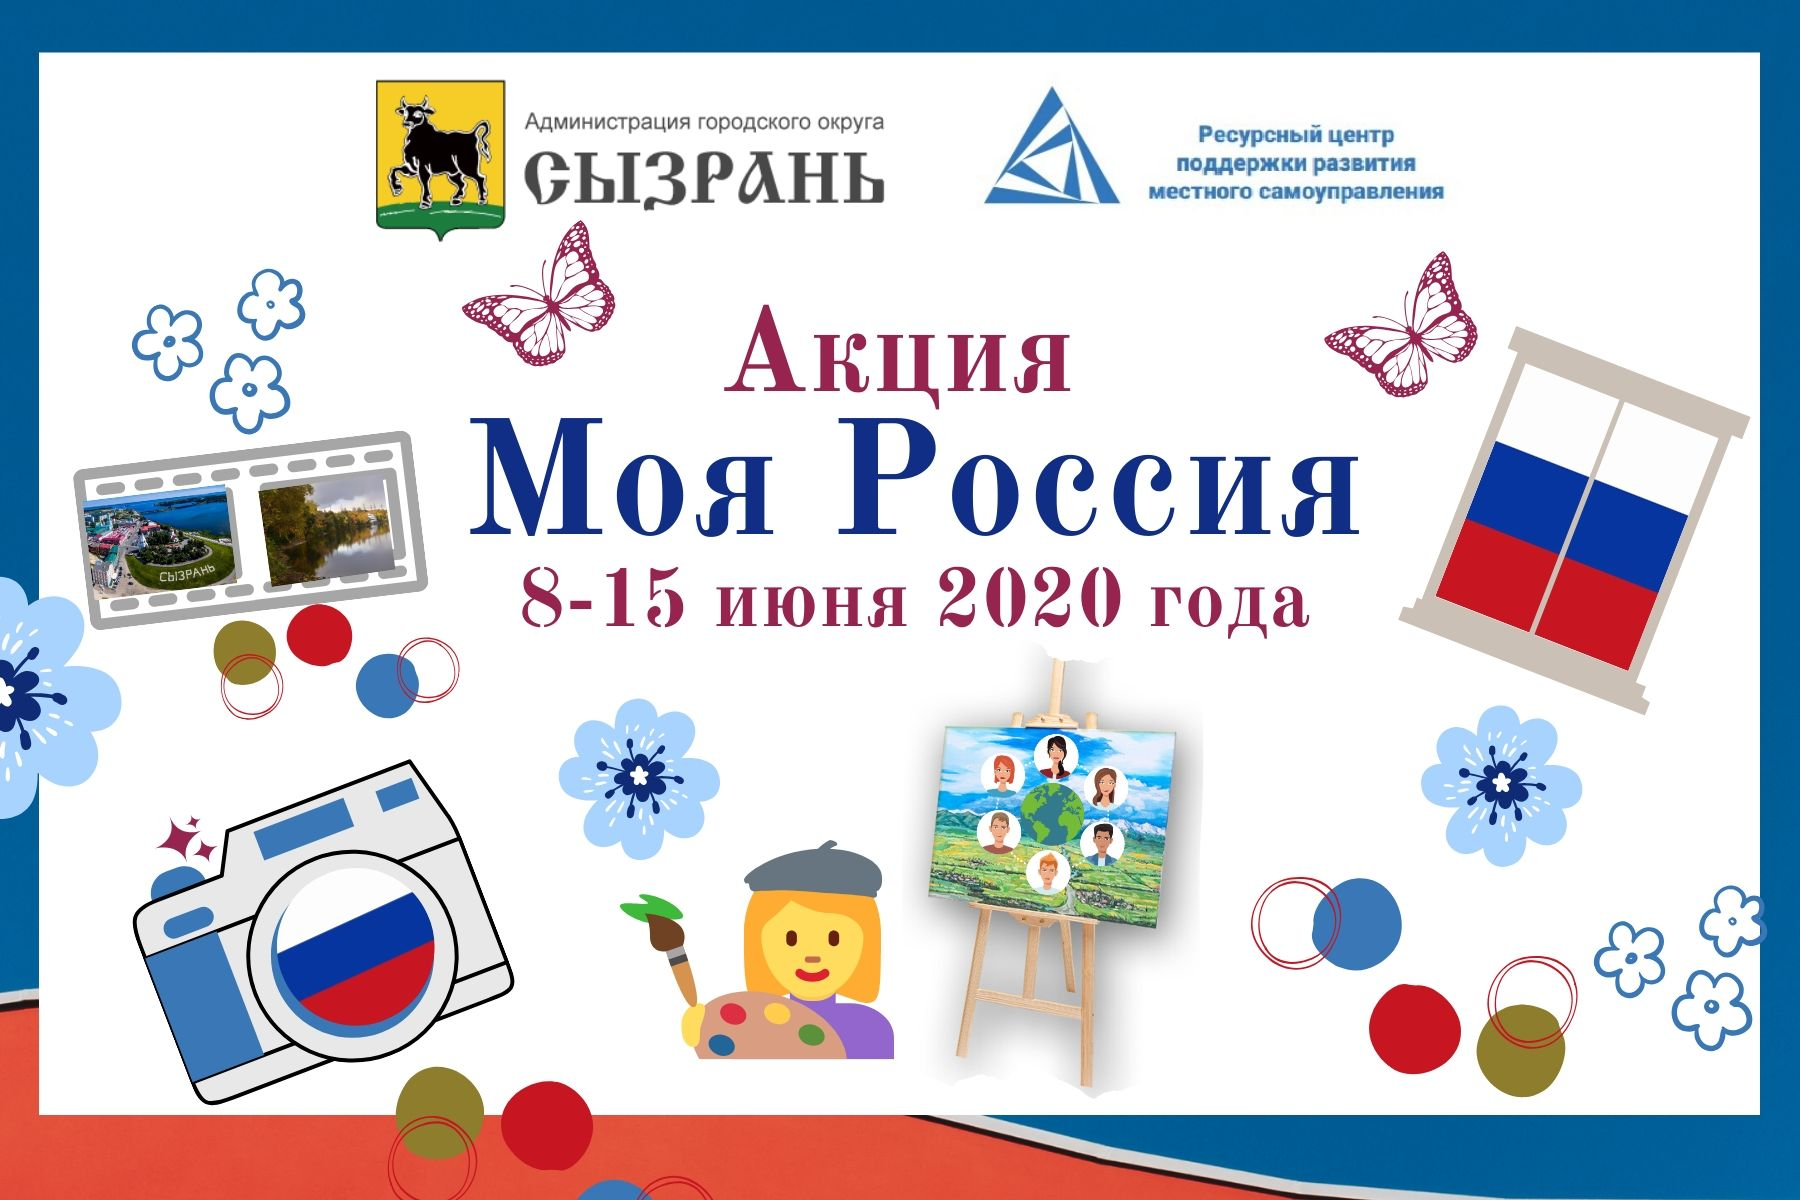 акция моя россия